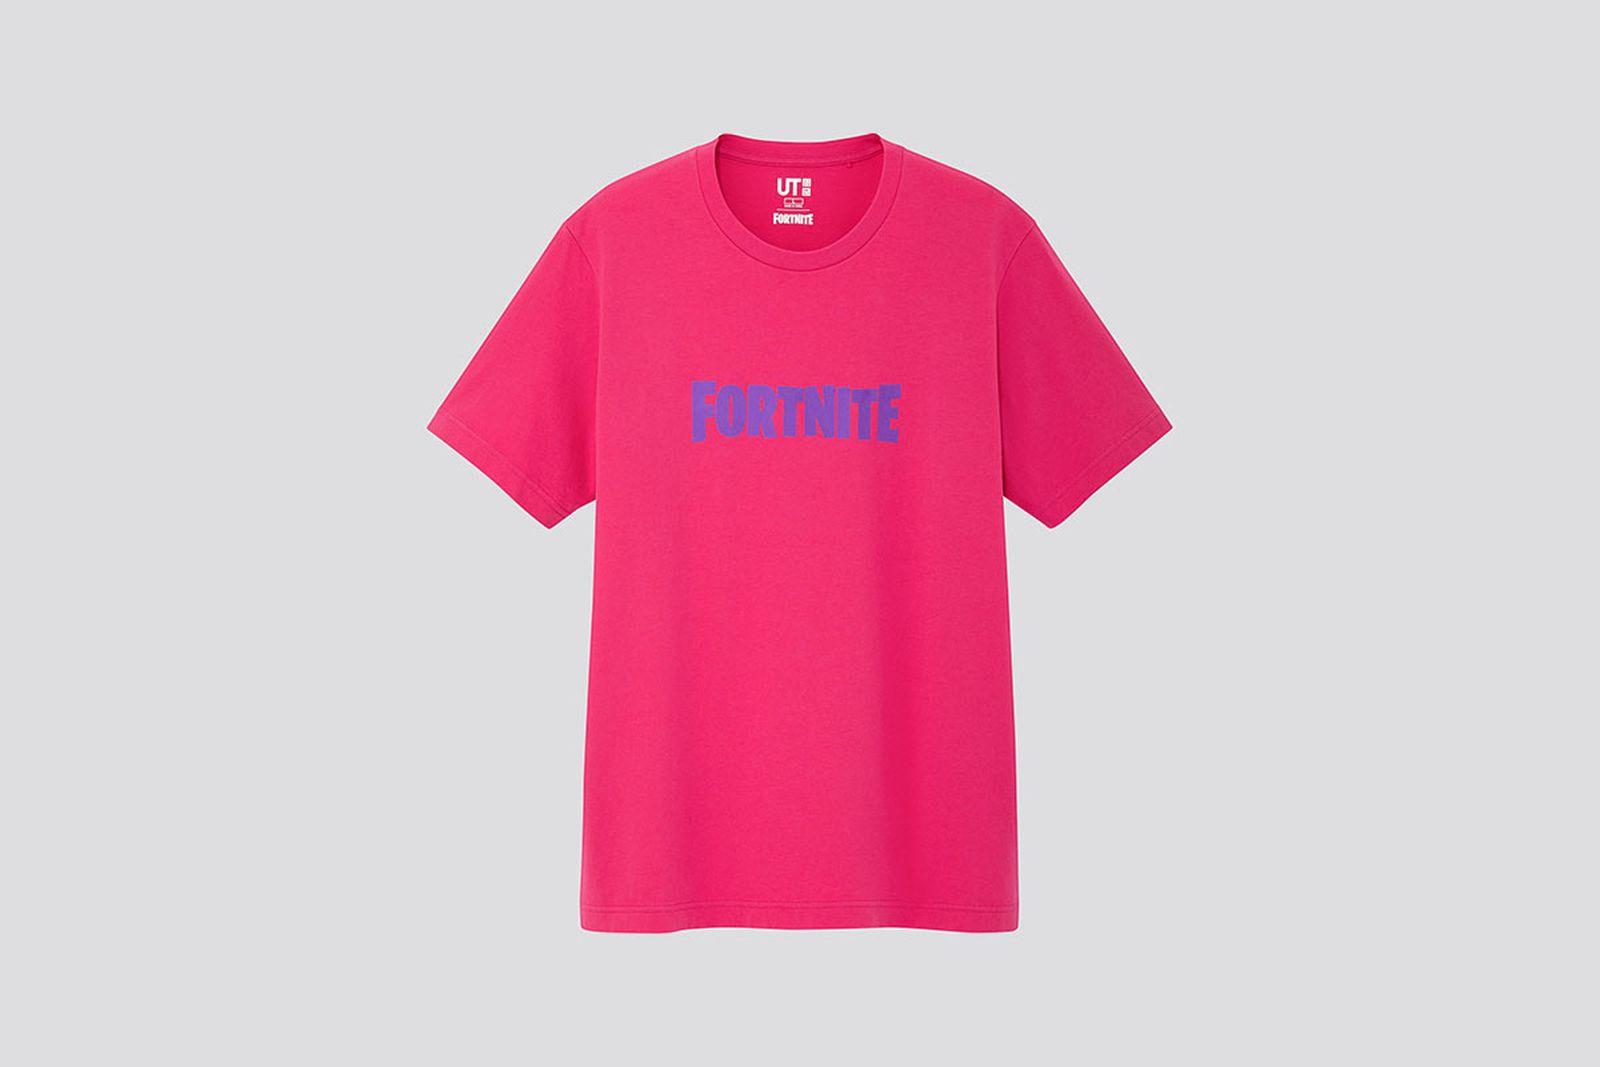 Uniqlo UT Fortnite collection